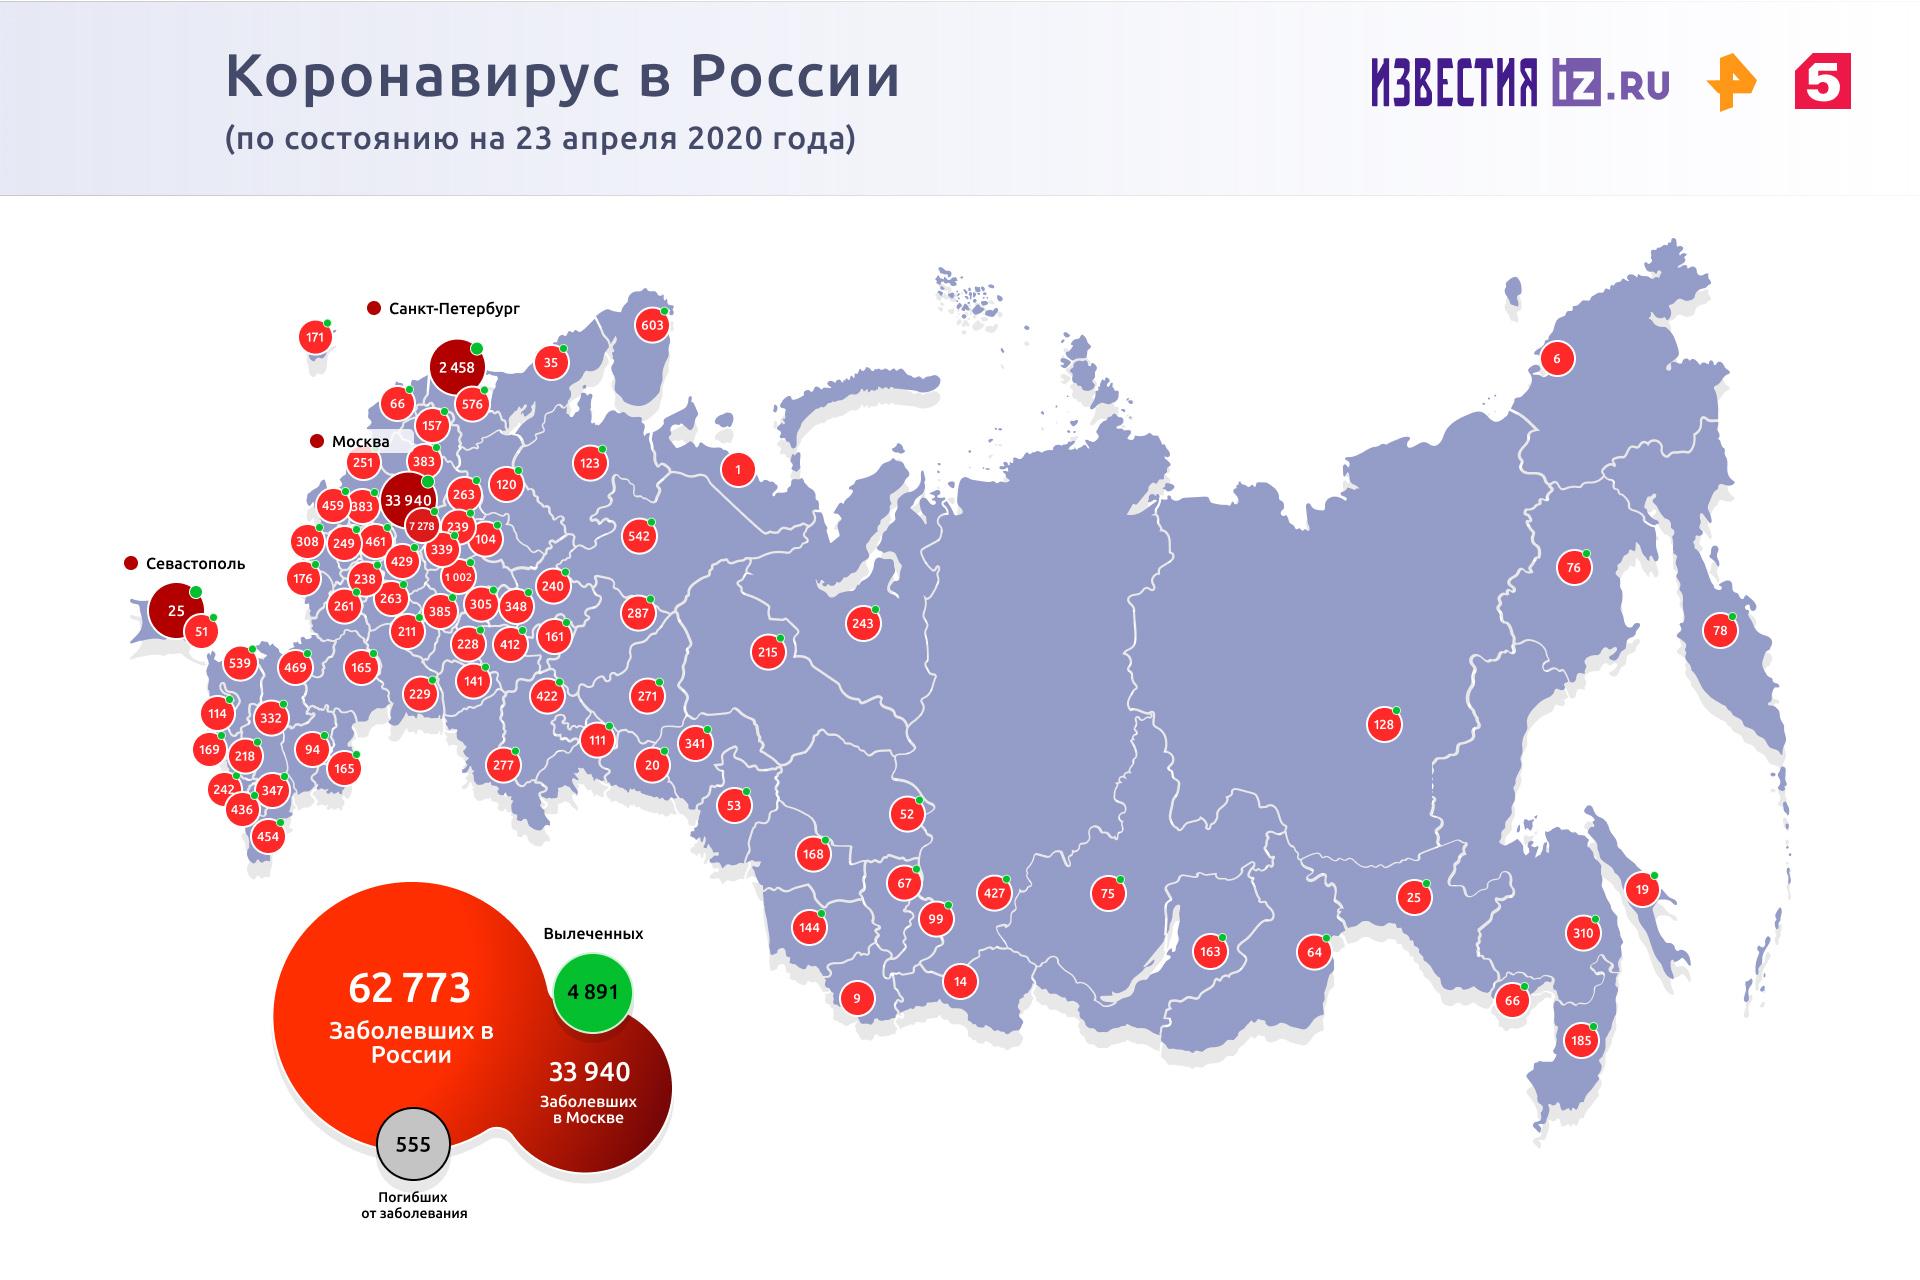 Первый пациент с коронавирусом скончался в Самарской области